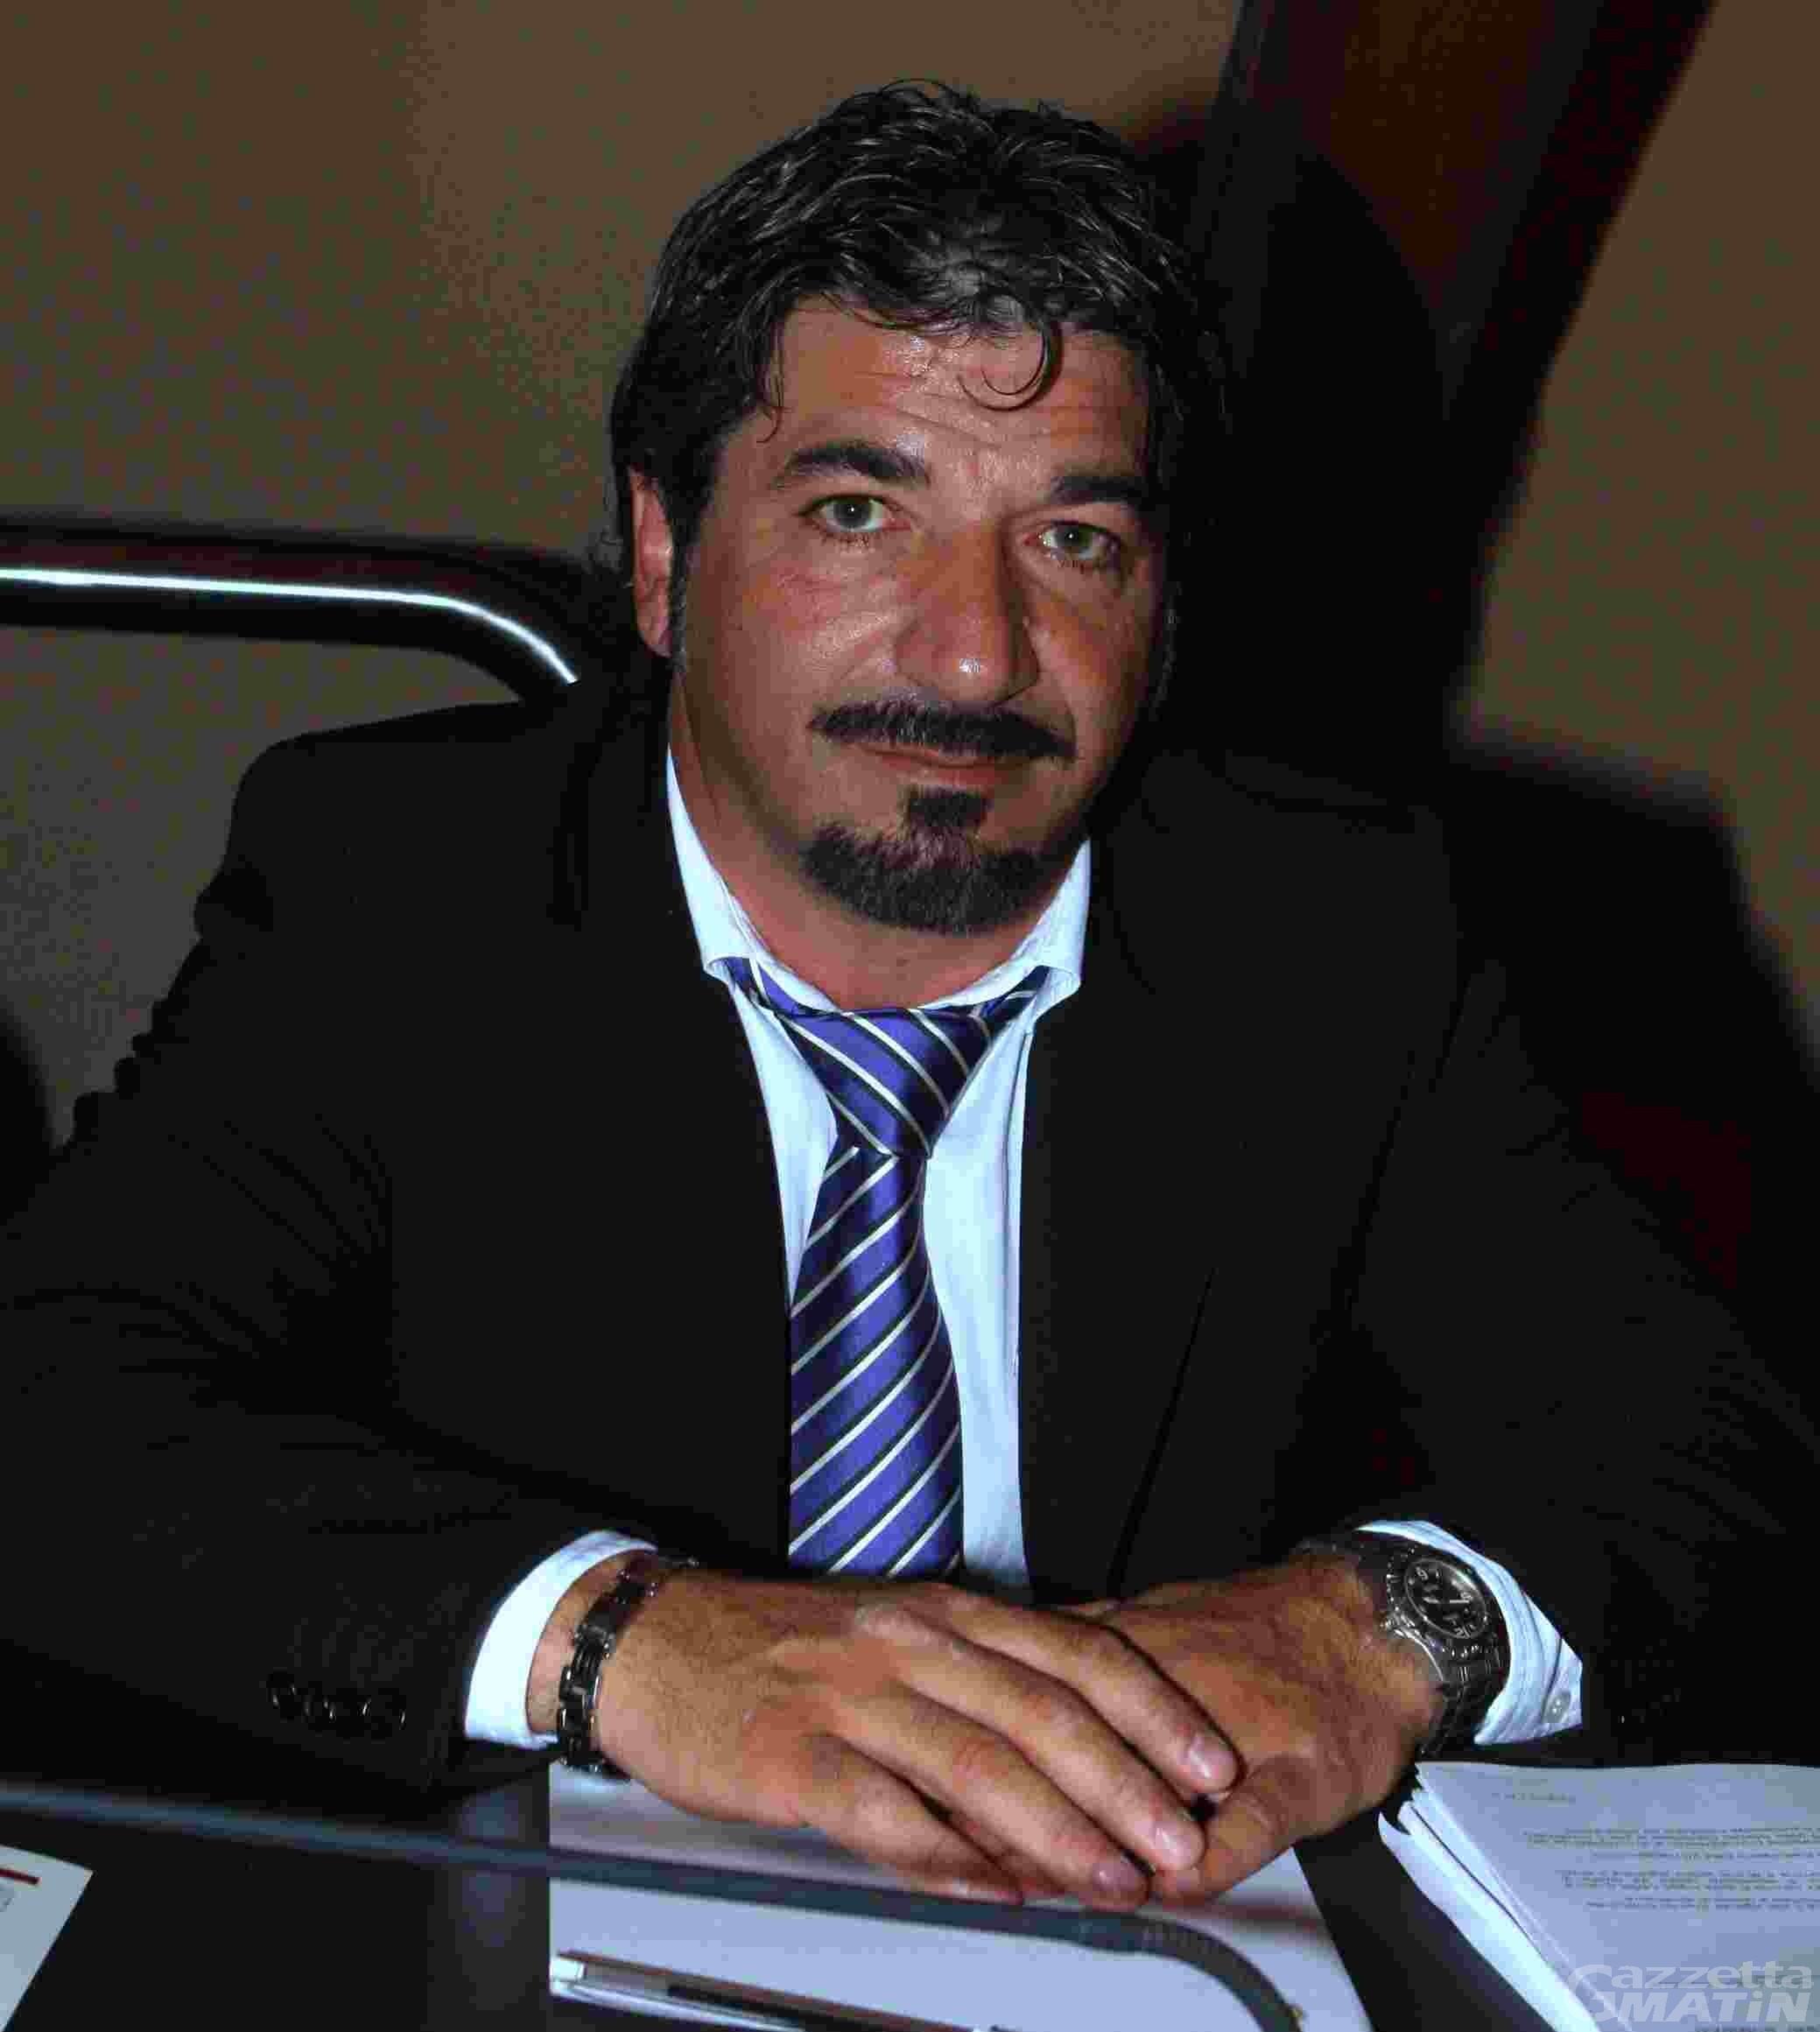 Consiglio comunale: il consigliere di SA Caminiti fa il 'guastafeste'